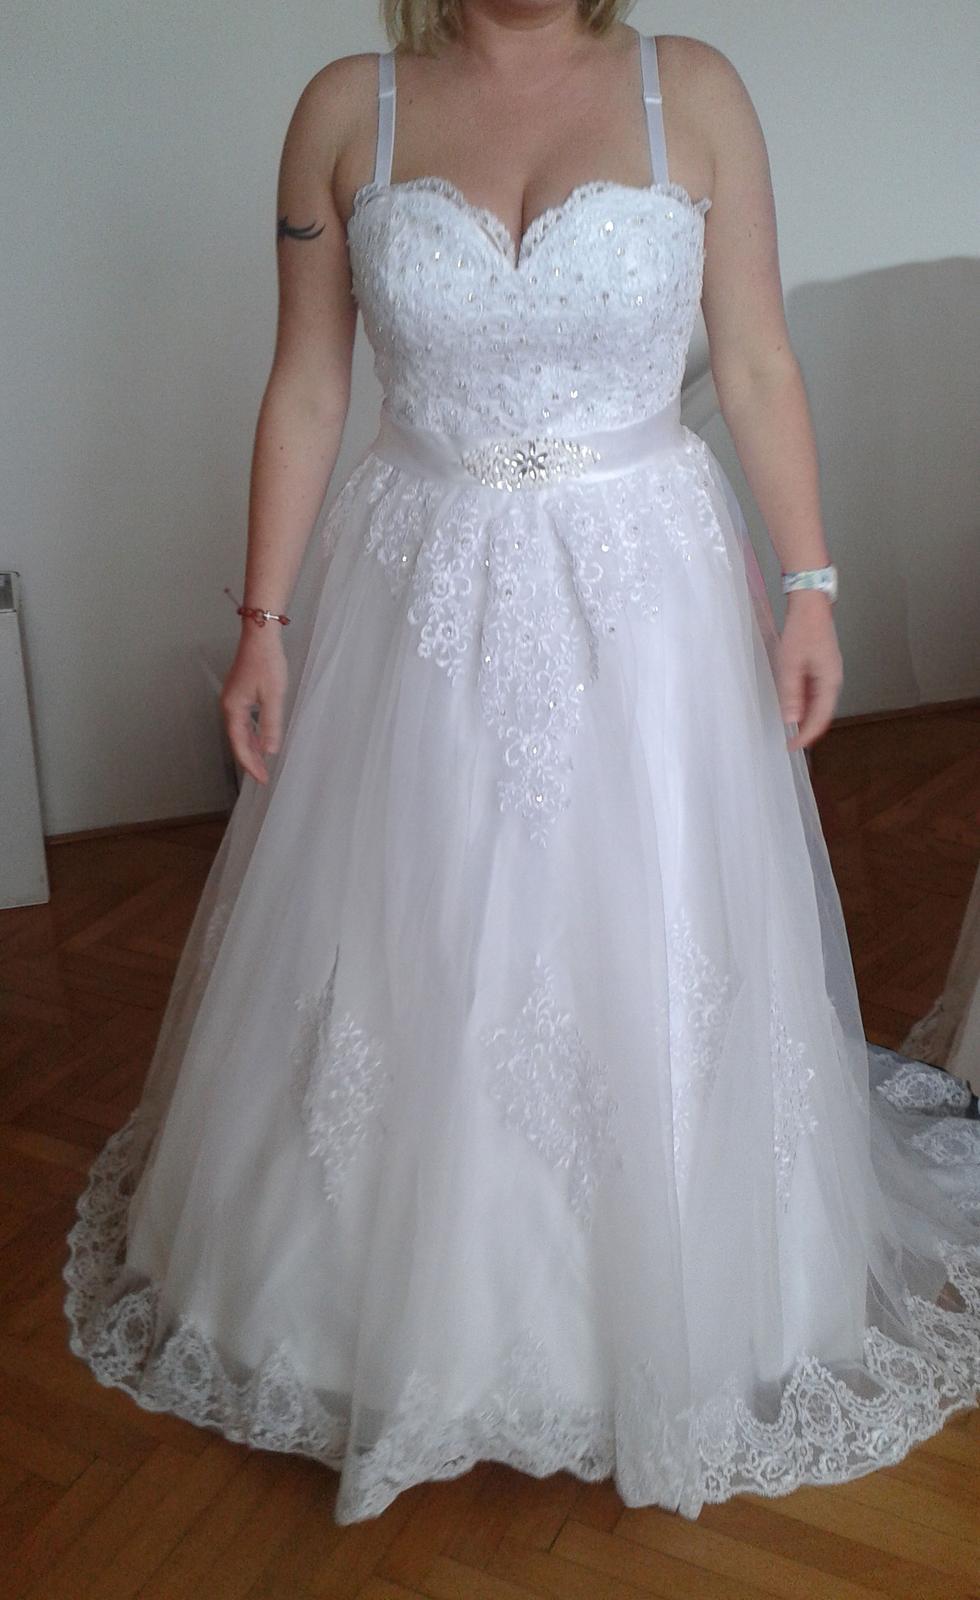 svadobné šaty velk. 42 - 44 - Obrázok č. 1